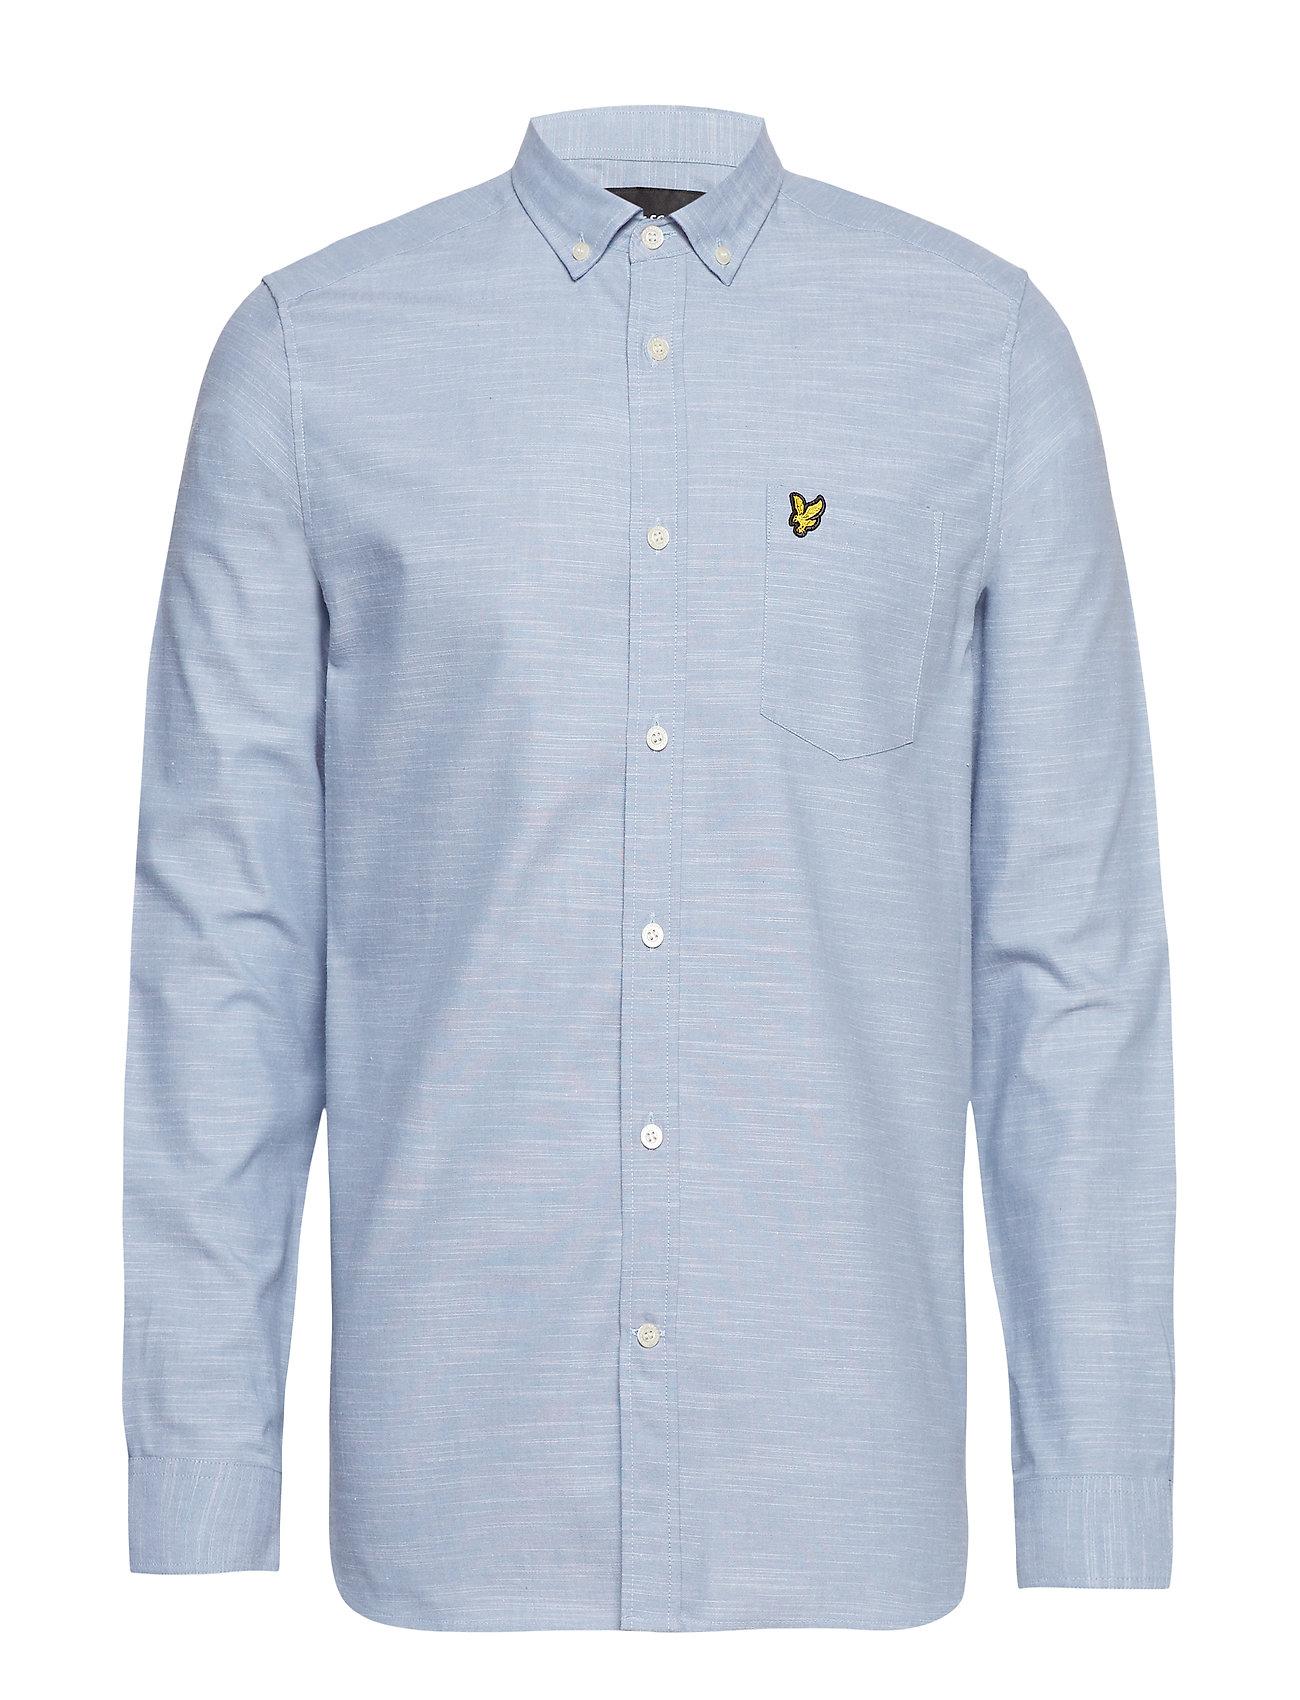 Lyle & Scott Space Dye Oxford Shirt - STONE BLUE